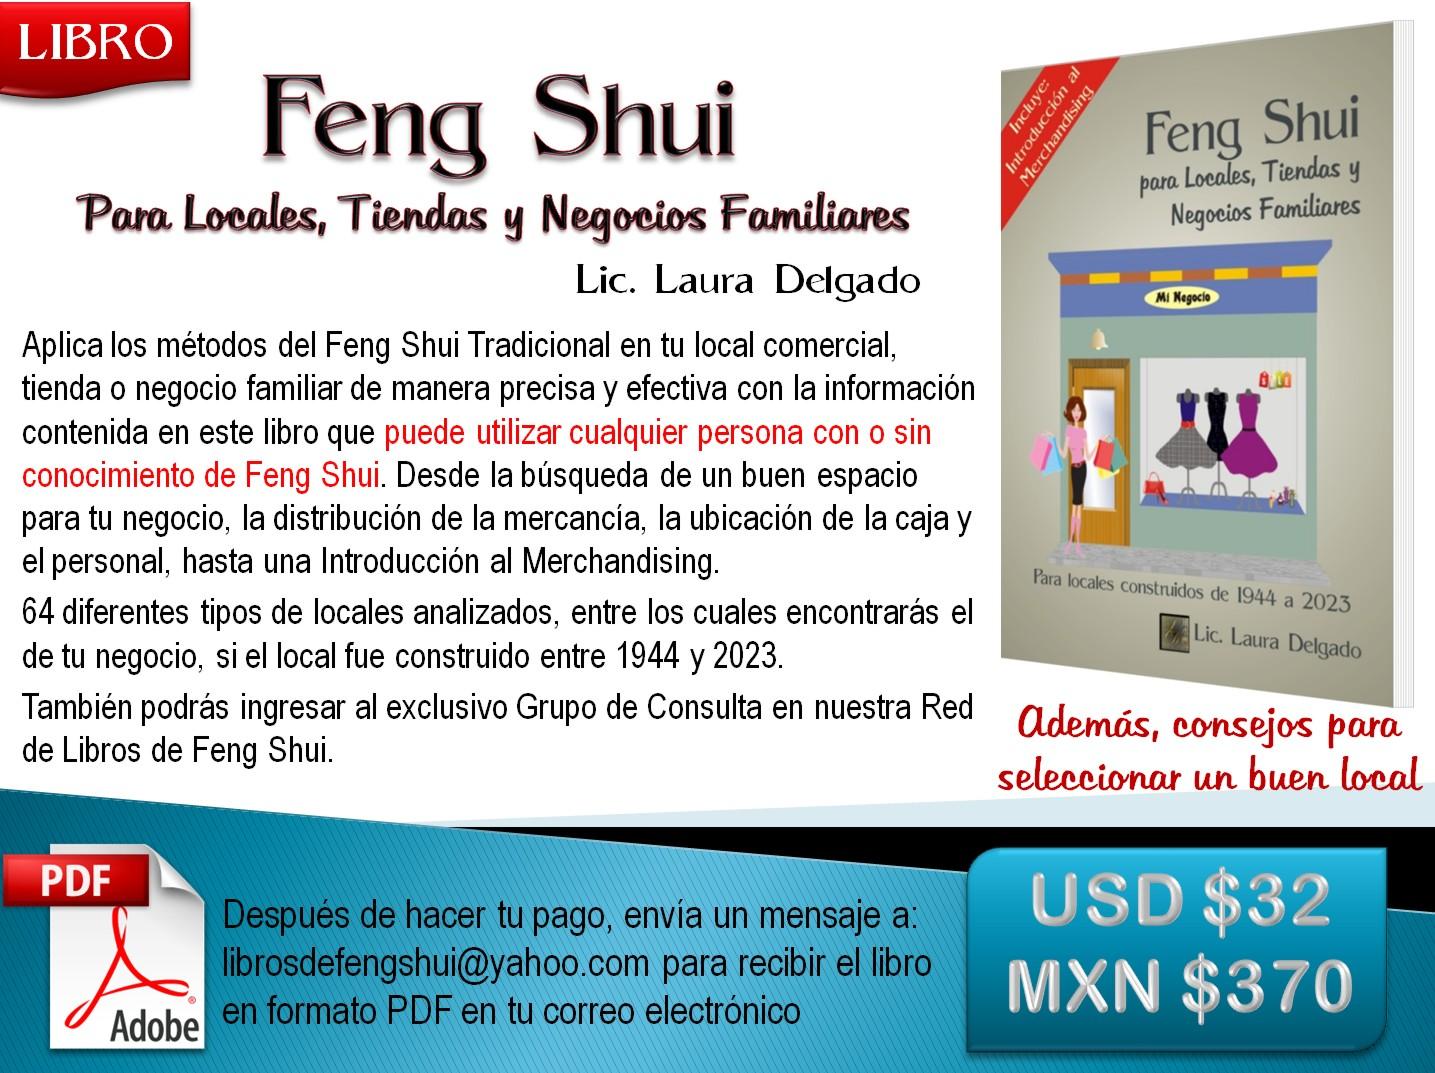 Feng shui para locales tiendas y negocios familiares for Feng shui decoracion negocio